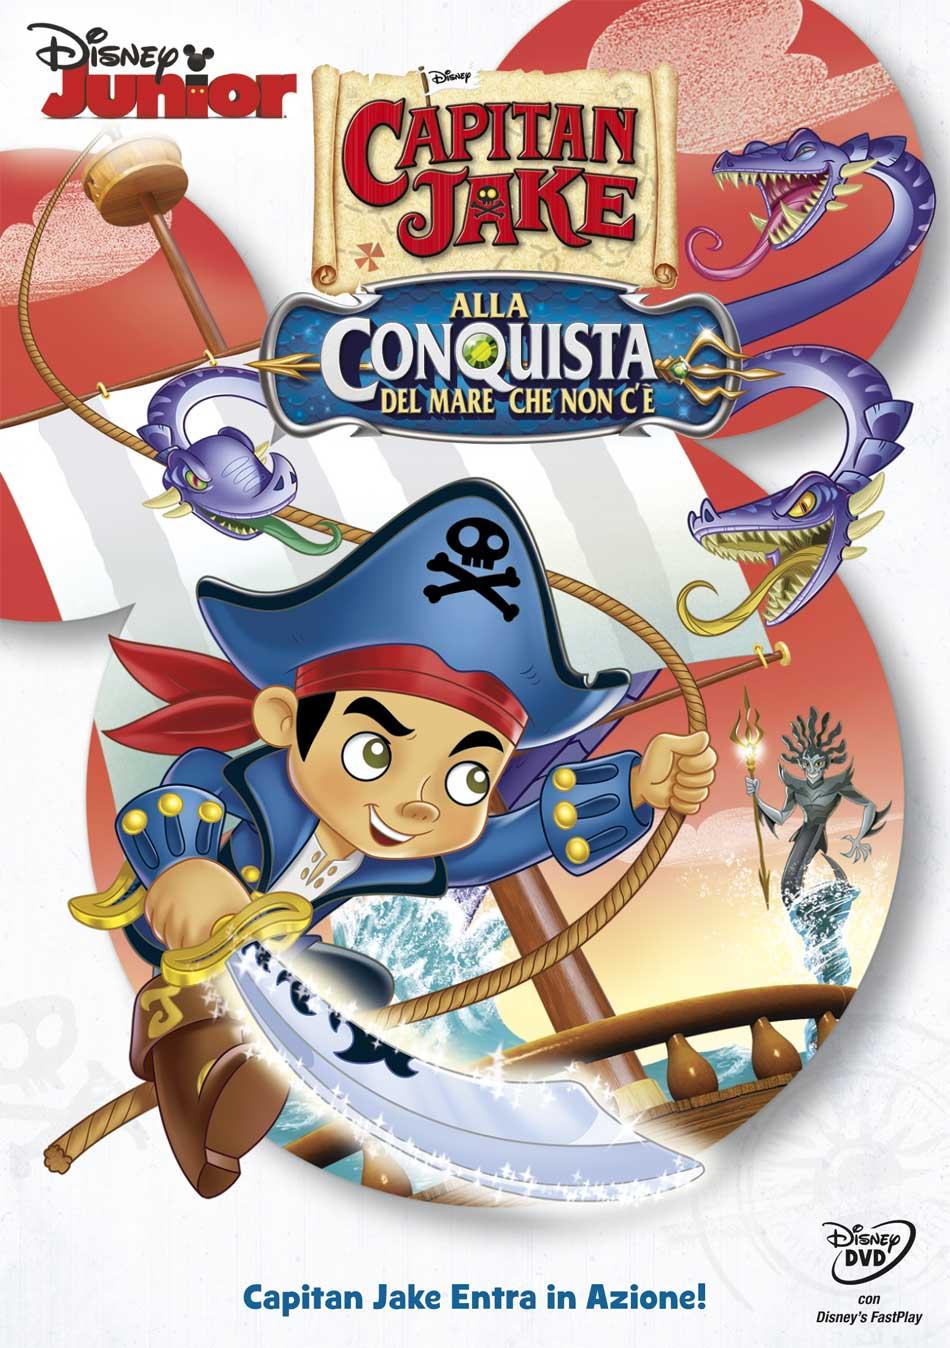 CAPITAN JAKE - ALLA CONQUISTA DEL MARE CHE NON C'E' (DVD)